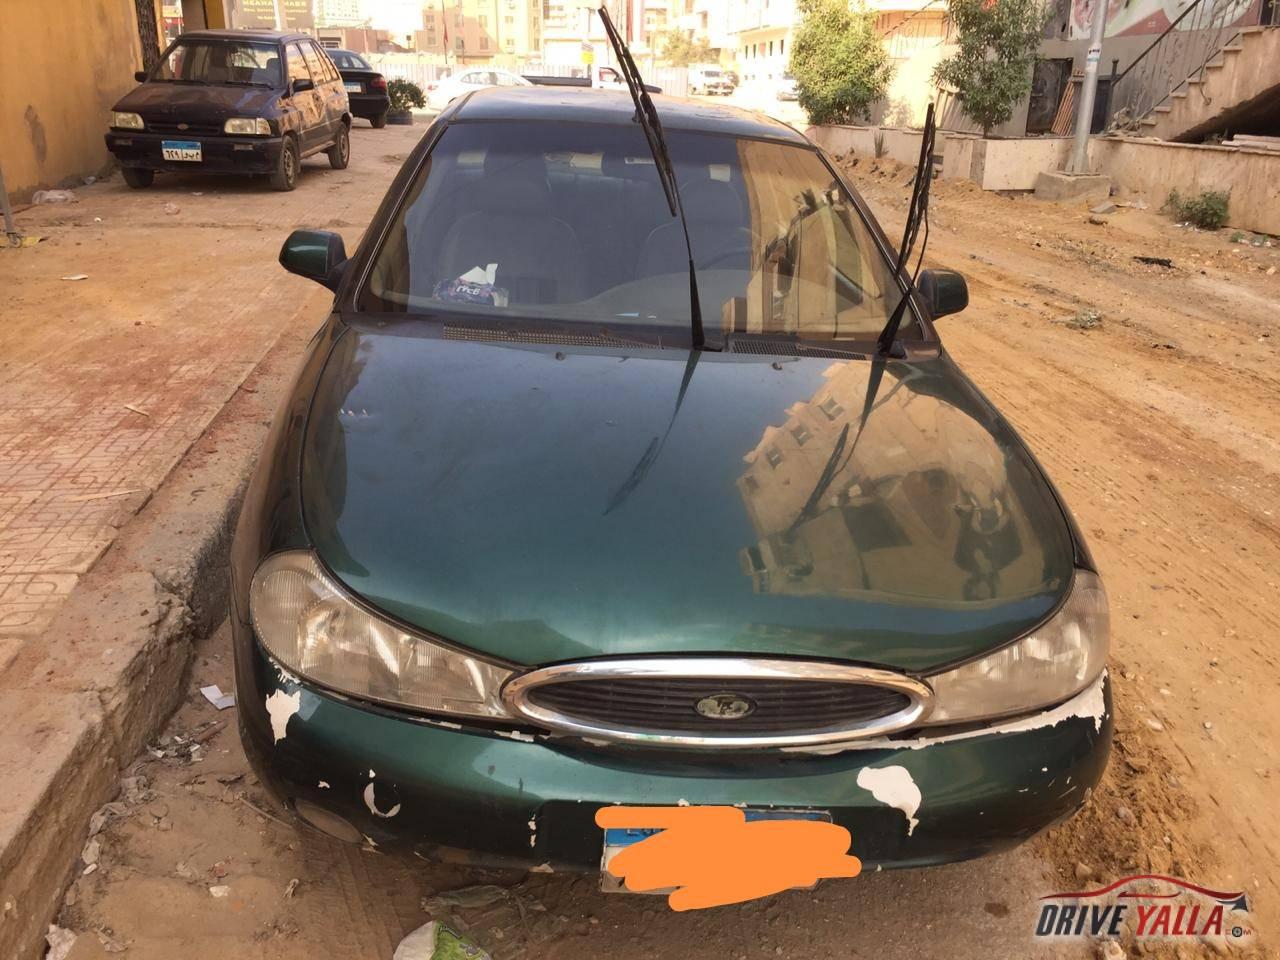 فورد مونديو مستعملة للبيع فى مصر 1998